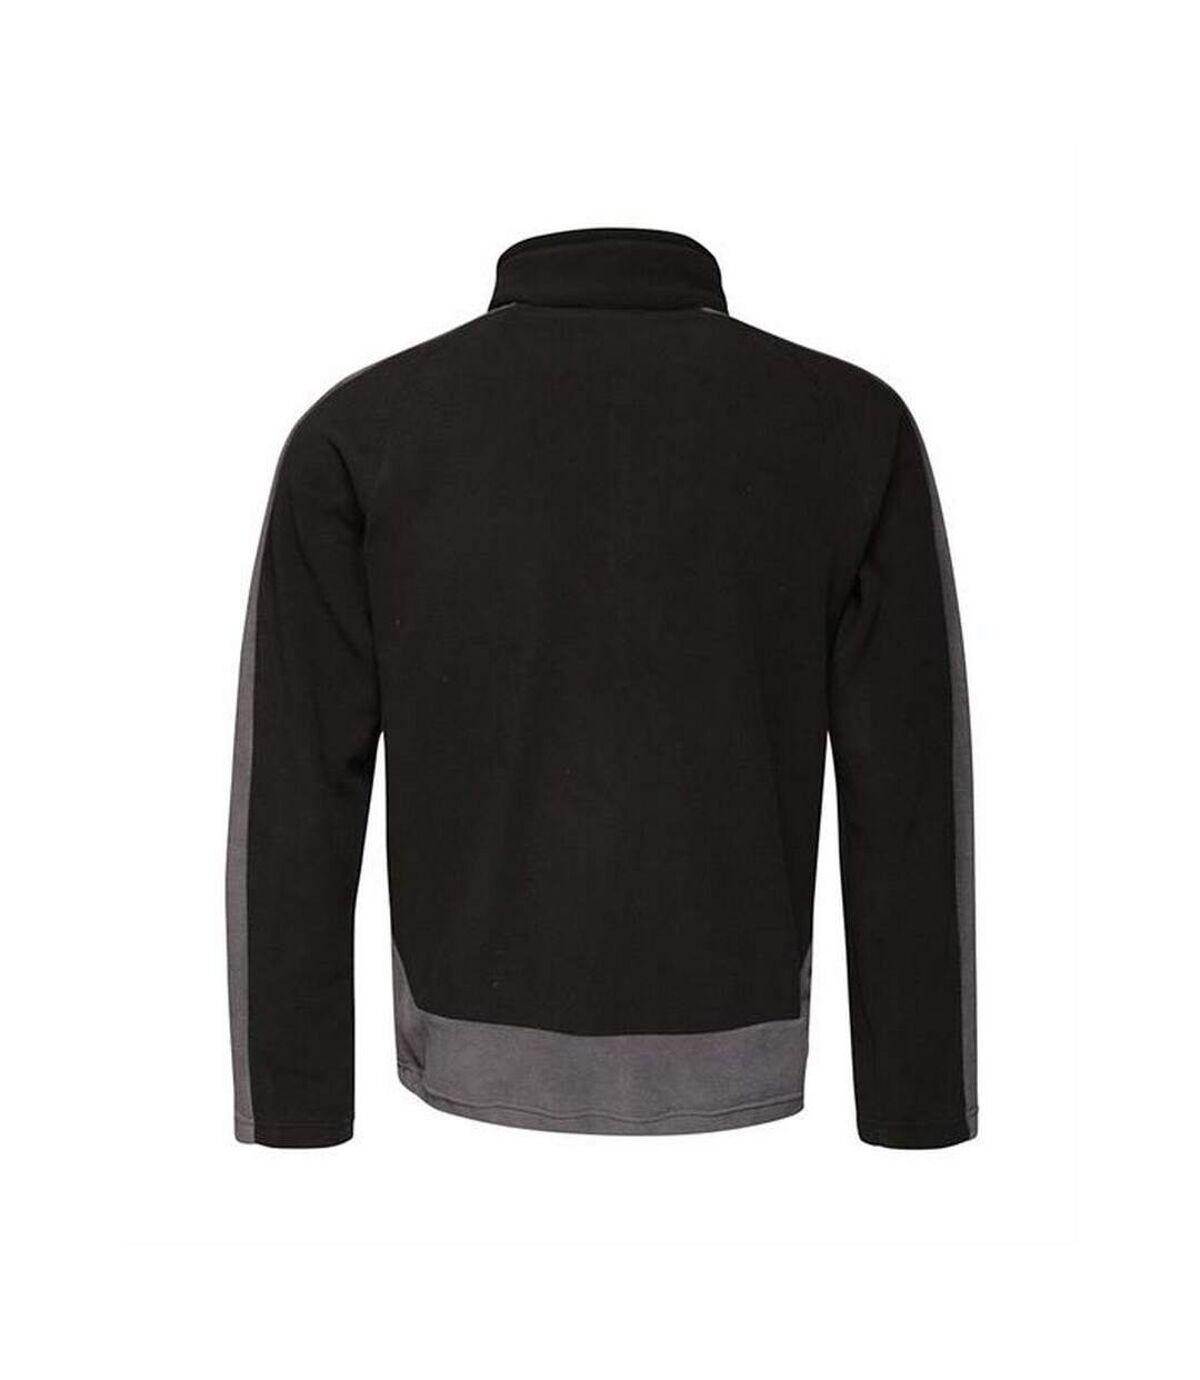 Regatta - Veste polaire CONTRAST - Homme (Noir/gris) - UTRW6352